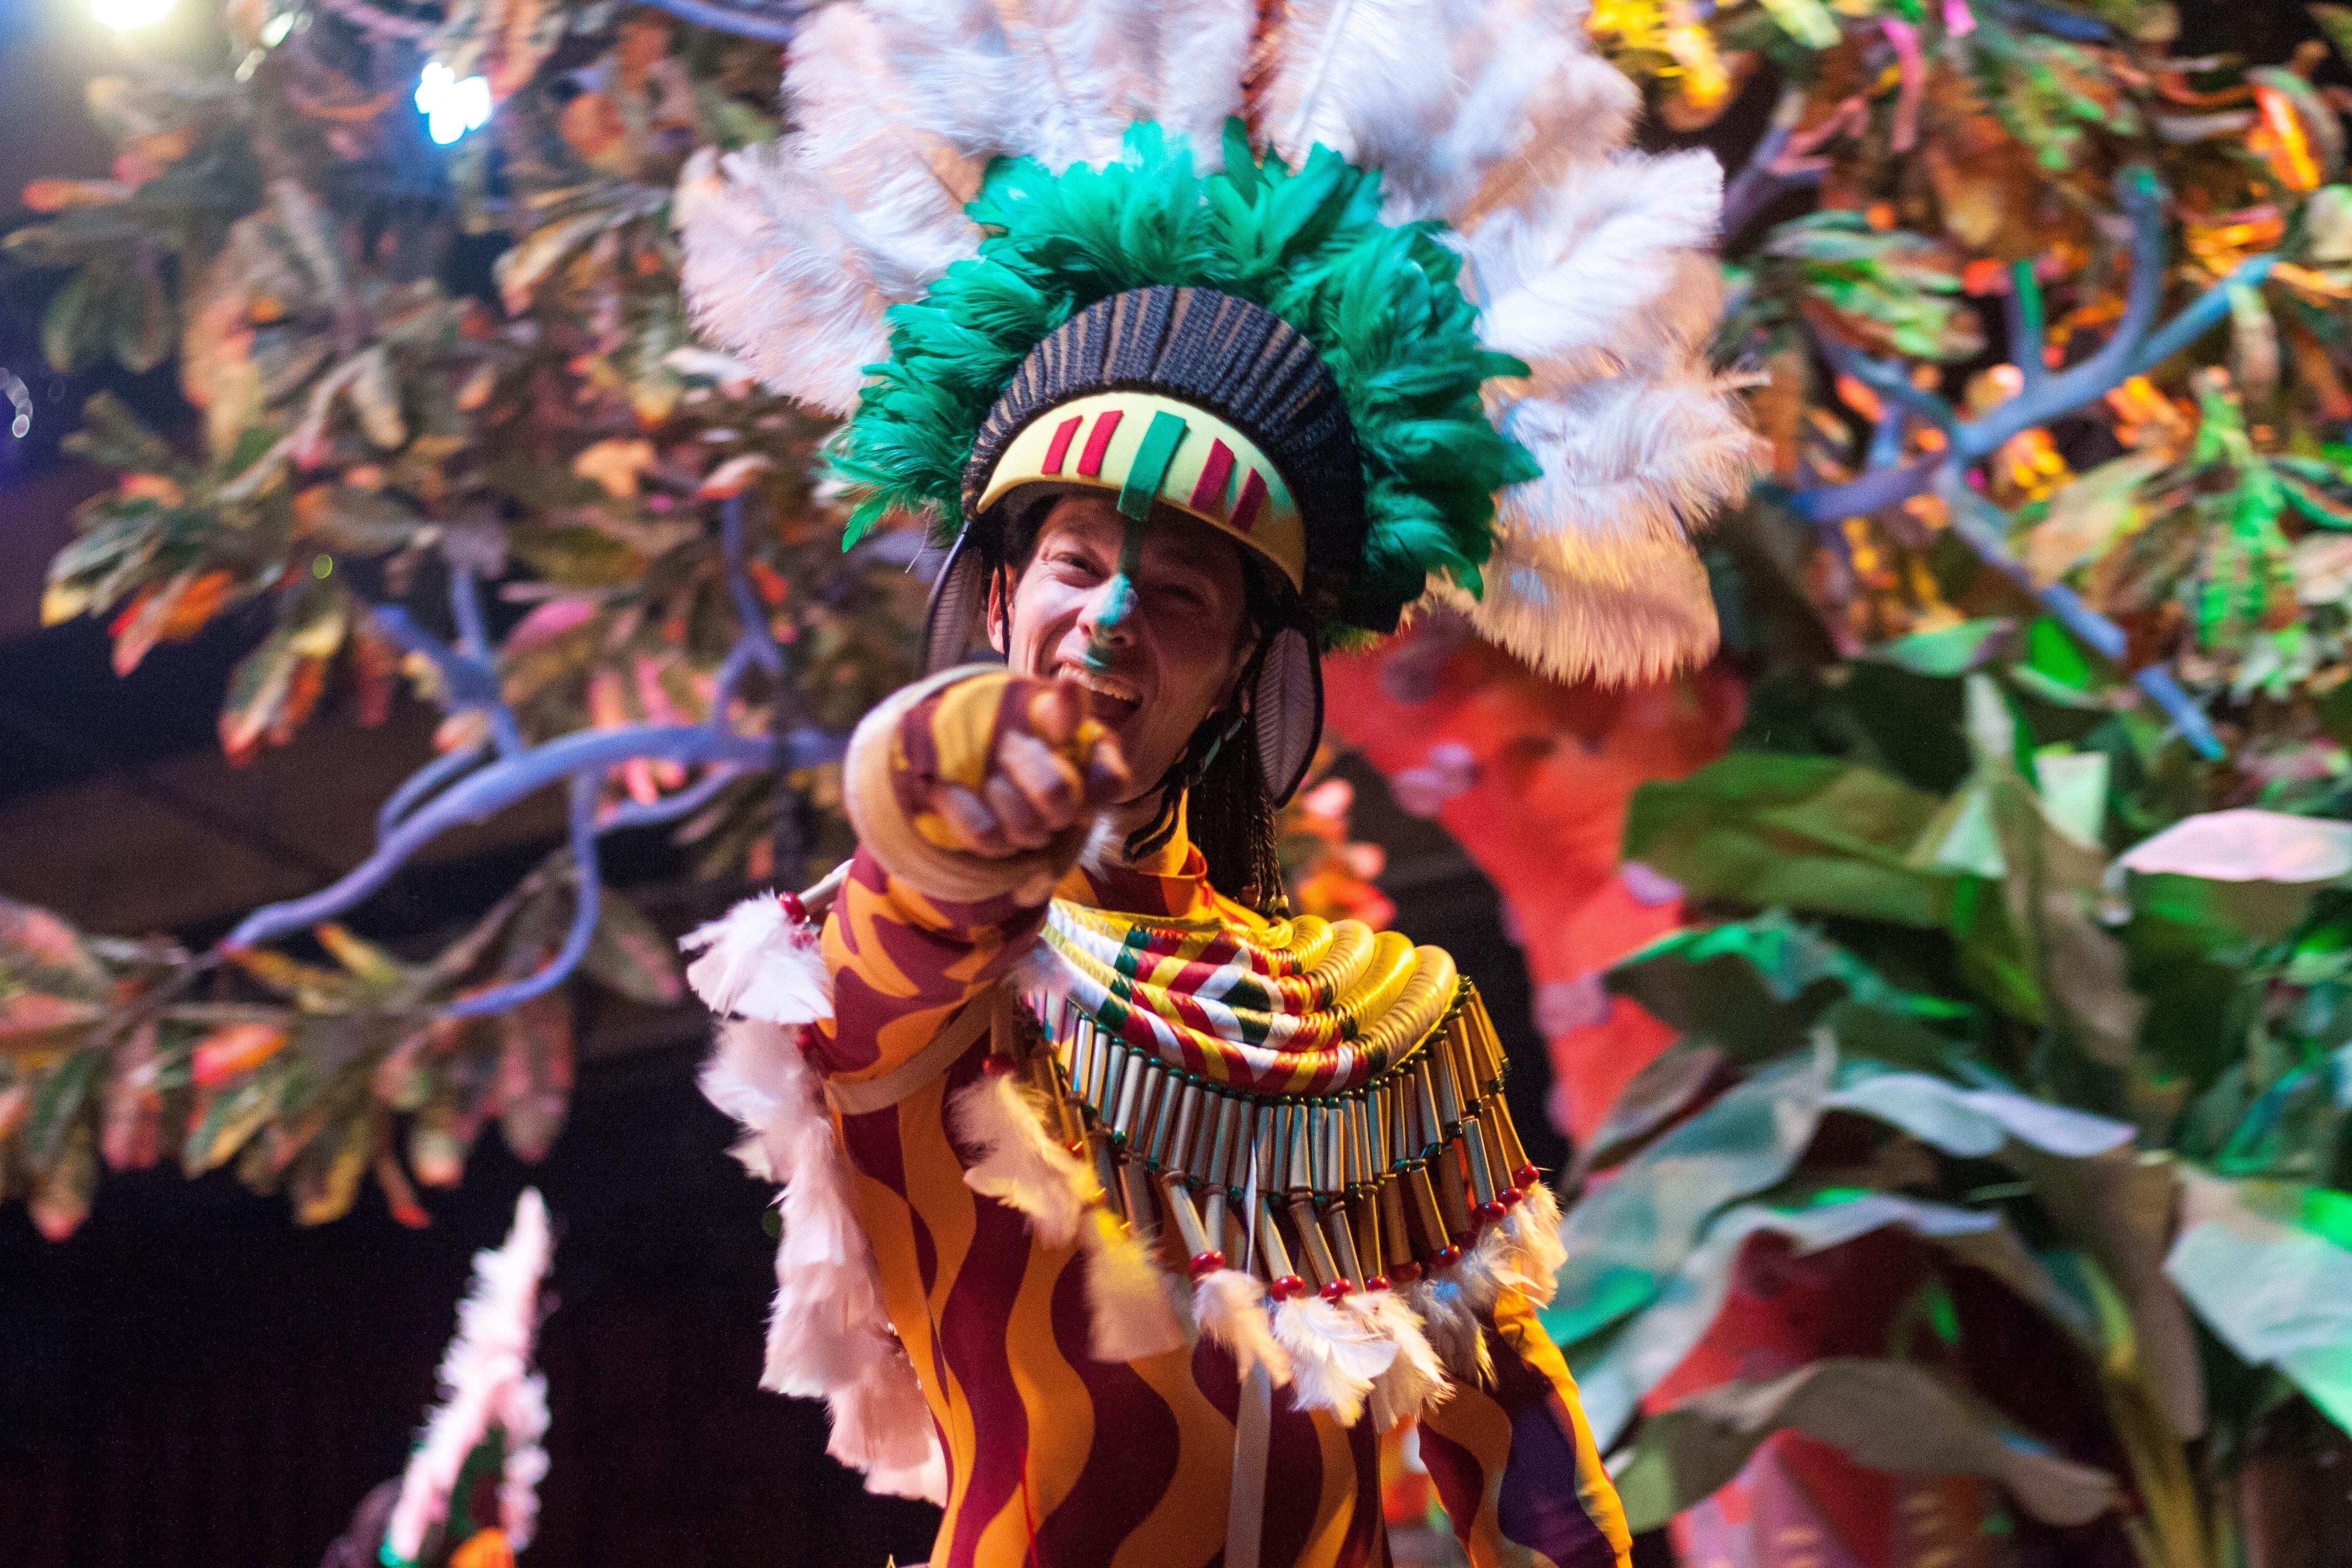 Carnaval una fiesta para ser libres